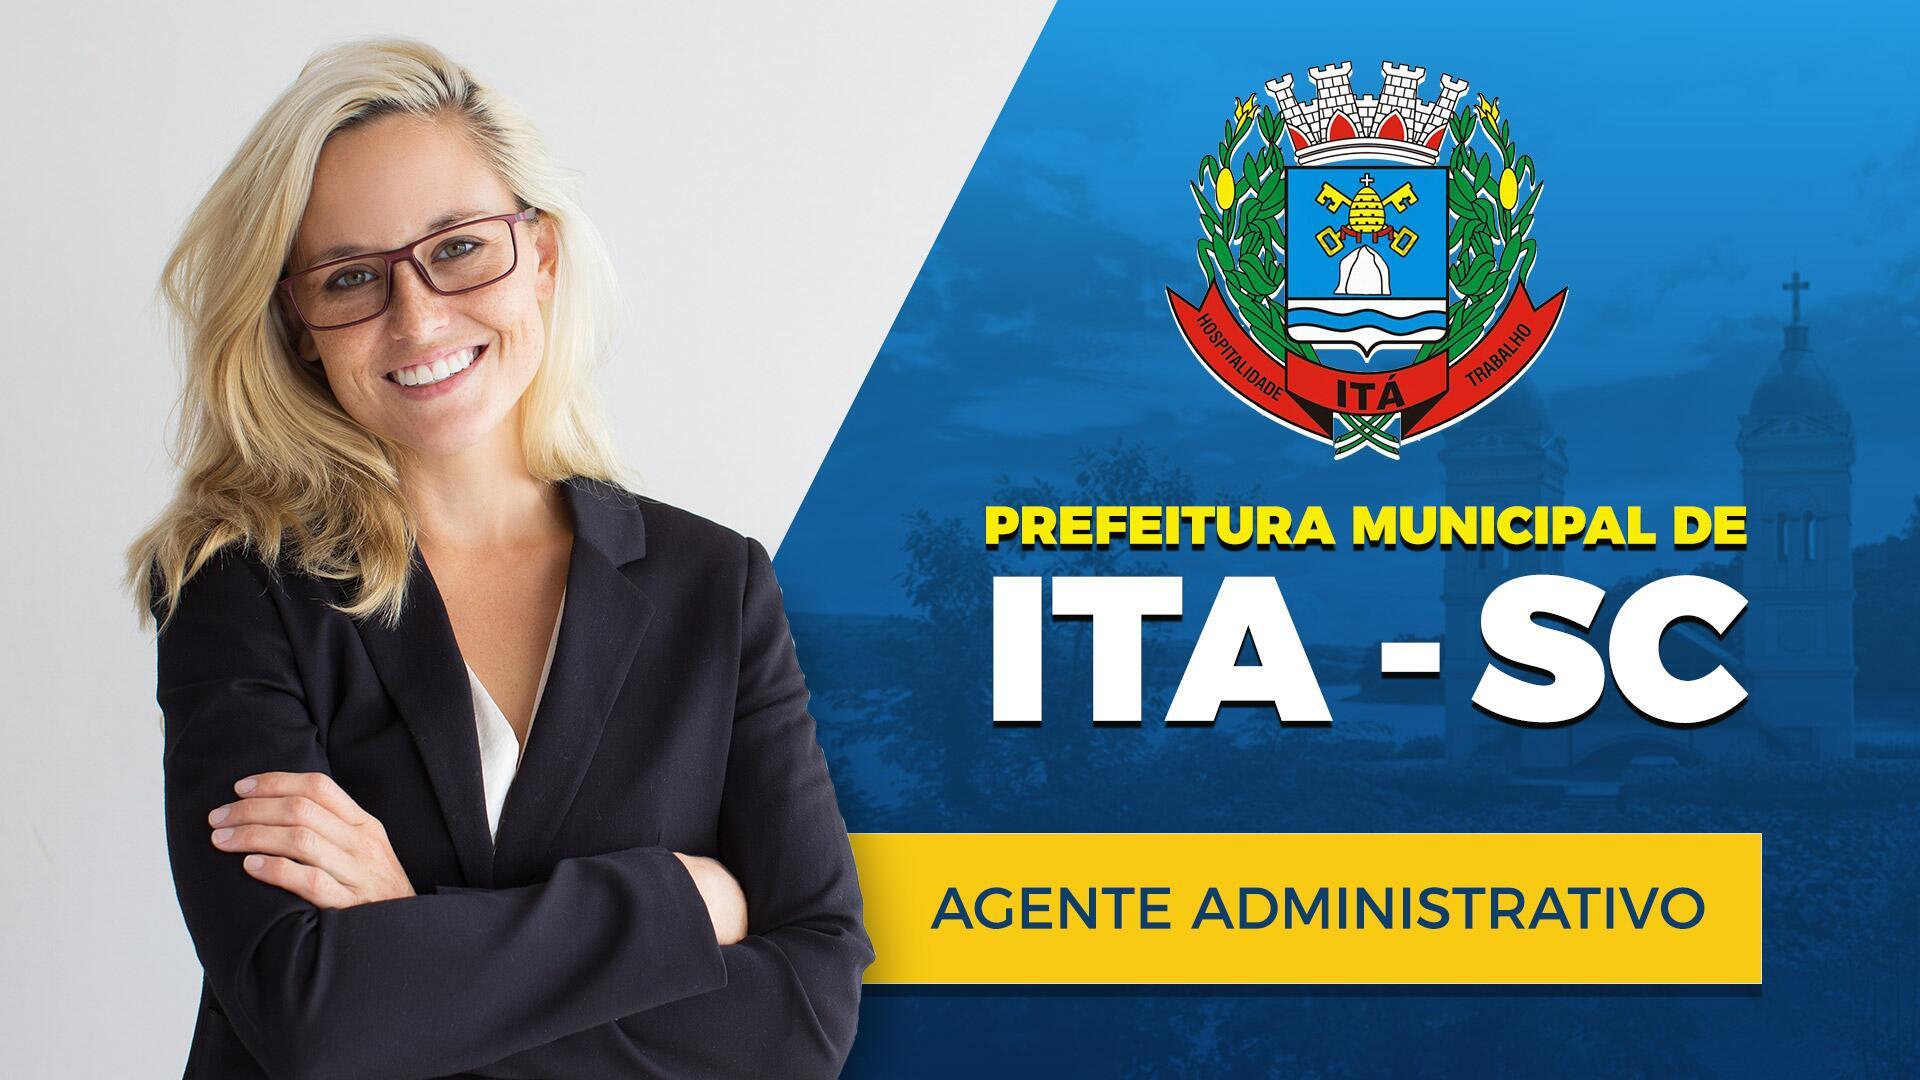 Agente Administrativo da Prefeitura Municipal de Ita - SC